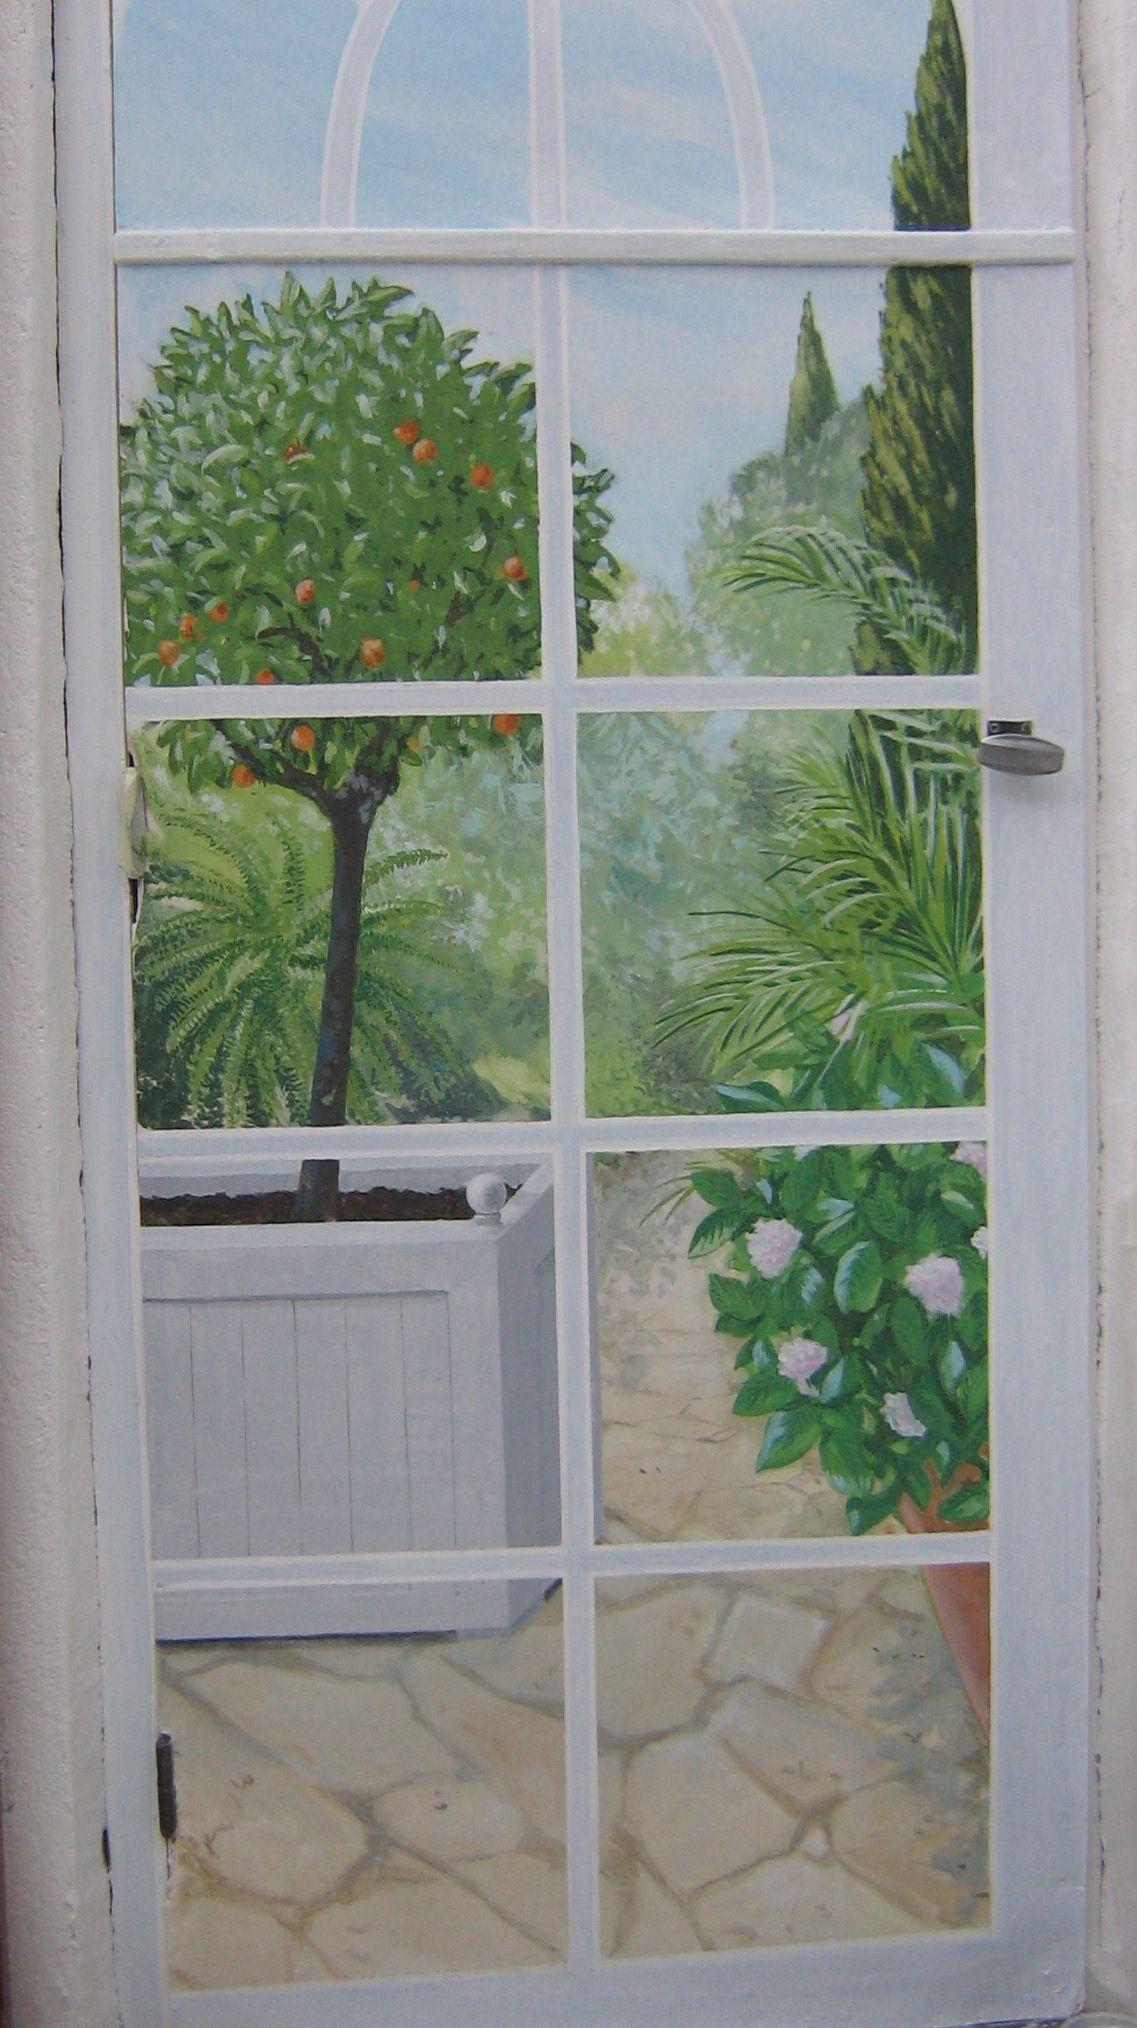 Trompes L Oeil Et Peinture Decorative Peinture Decorative Trompe L Oeil Fenetre Trompe L Oeil